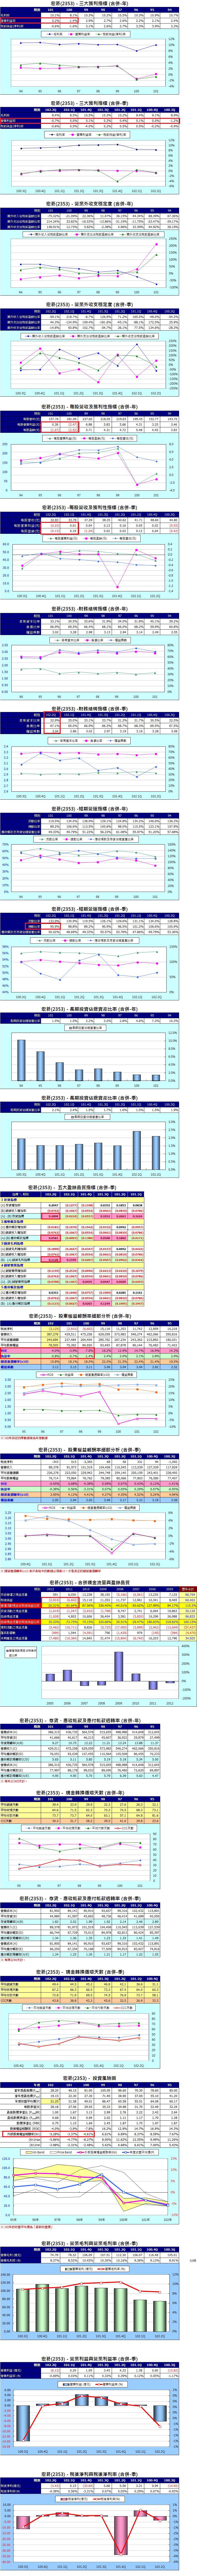 2353細部財務分析